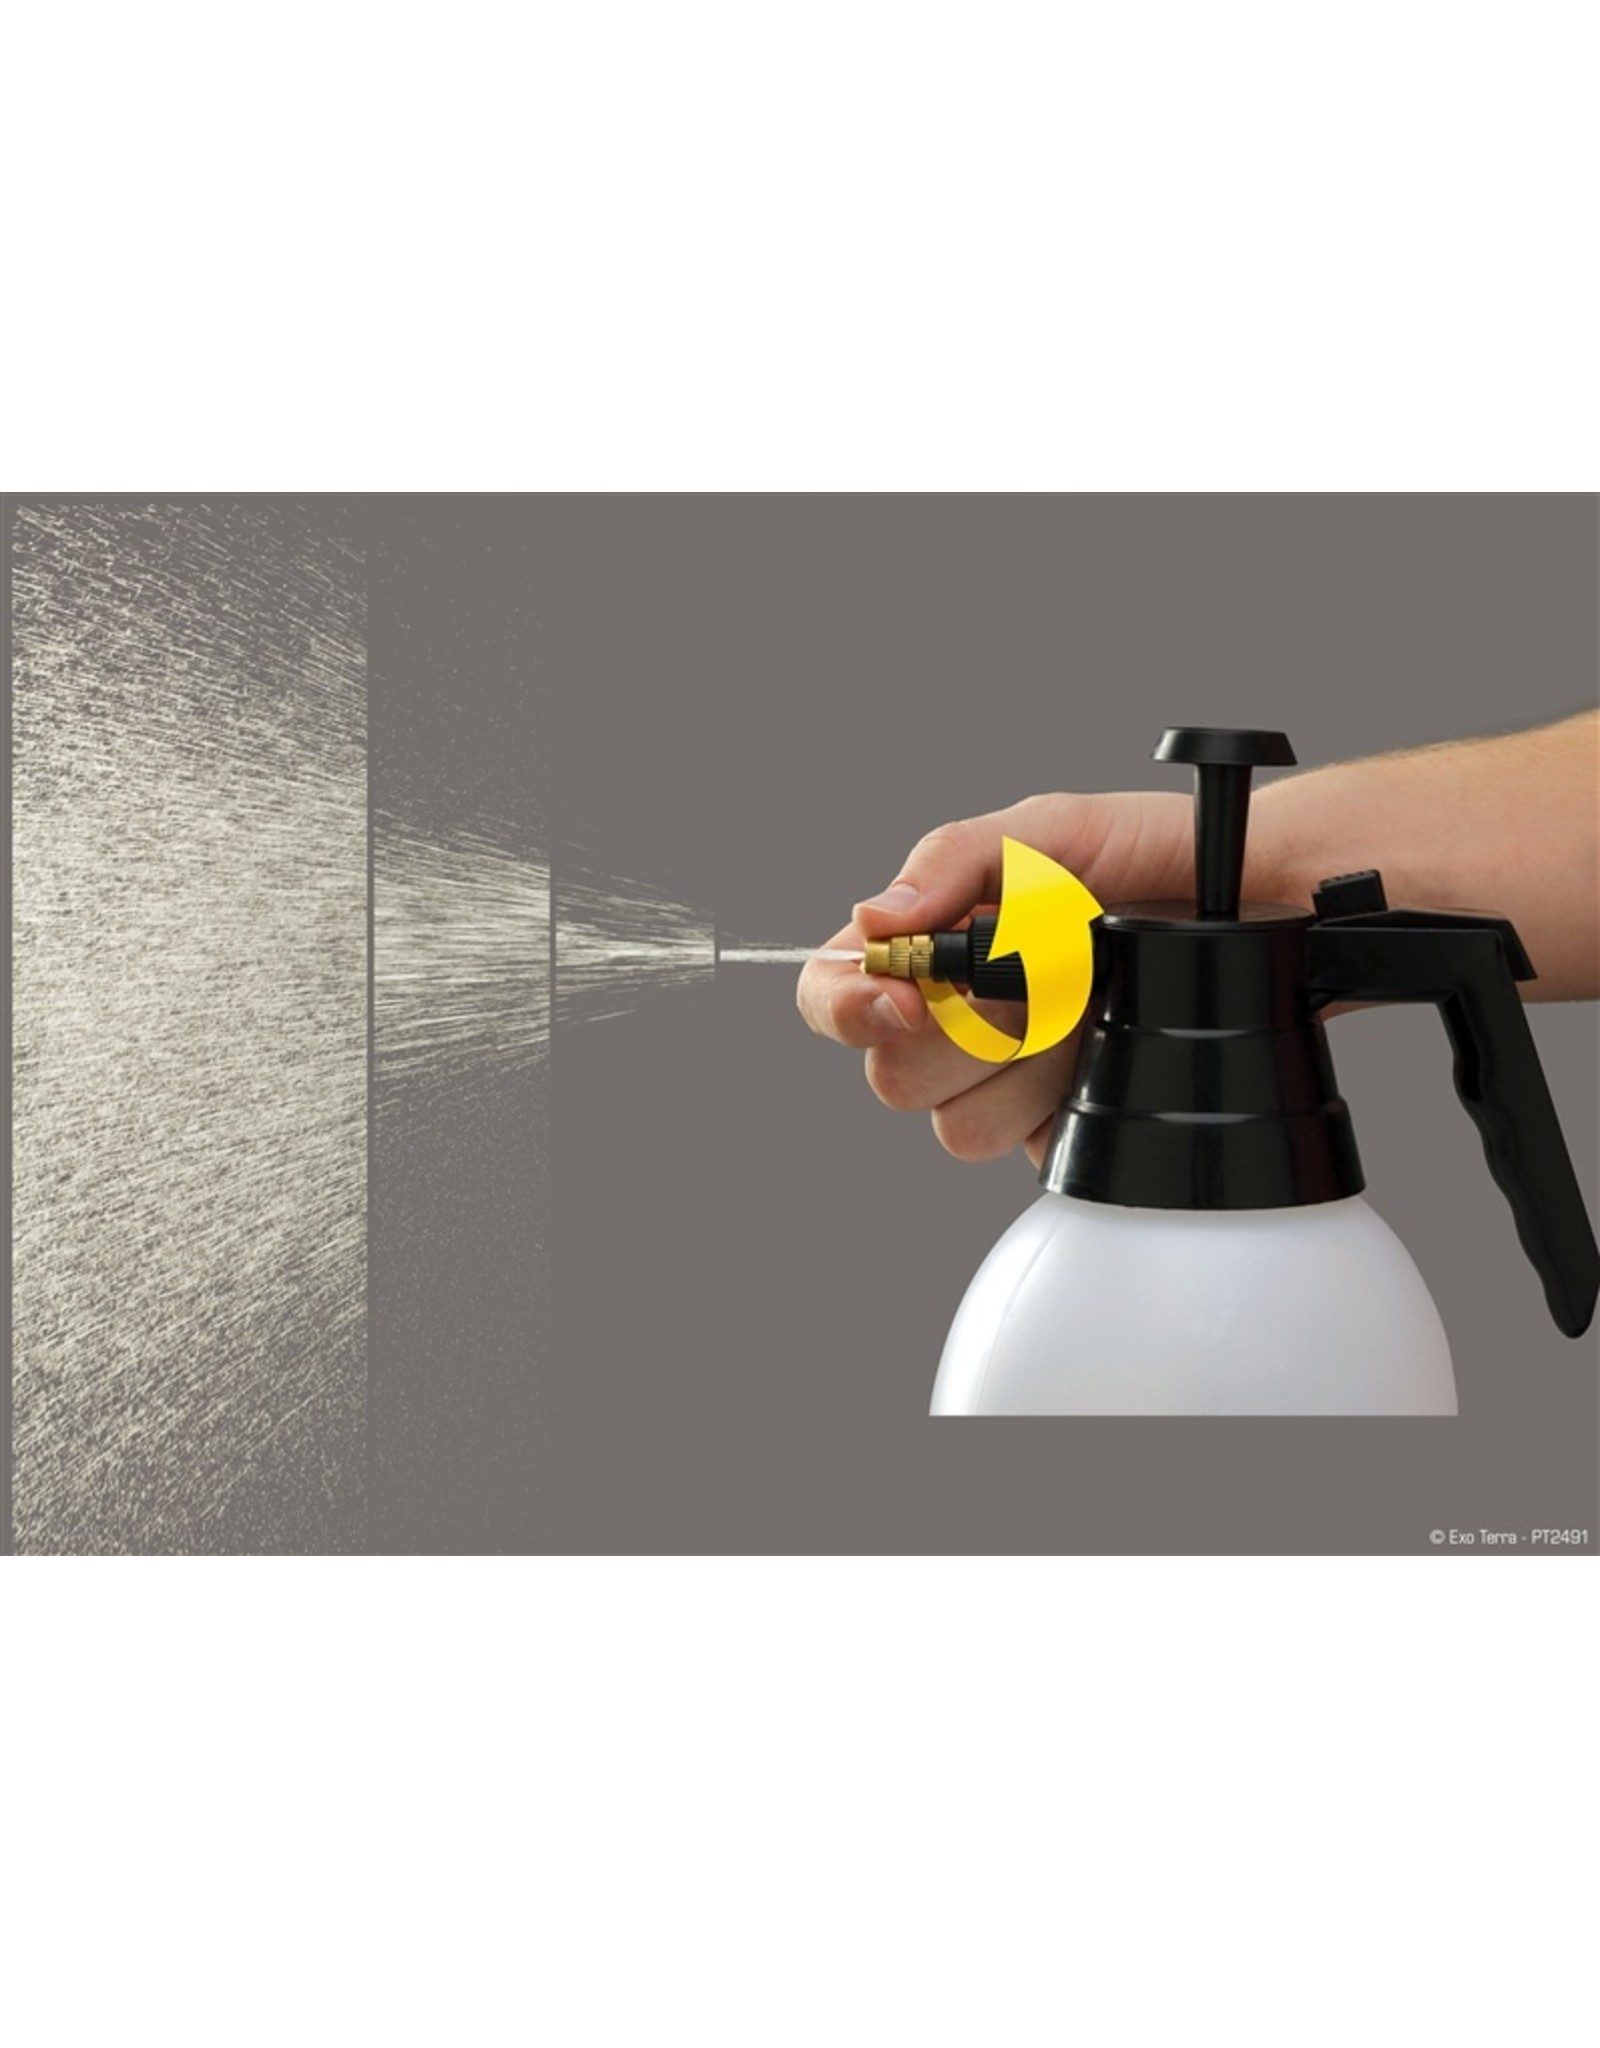 Exo Terra EXO TERRA Mister Hand Pressure Sprayer